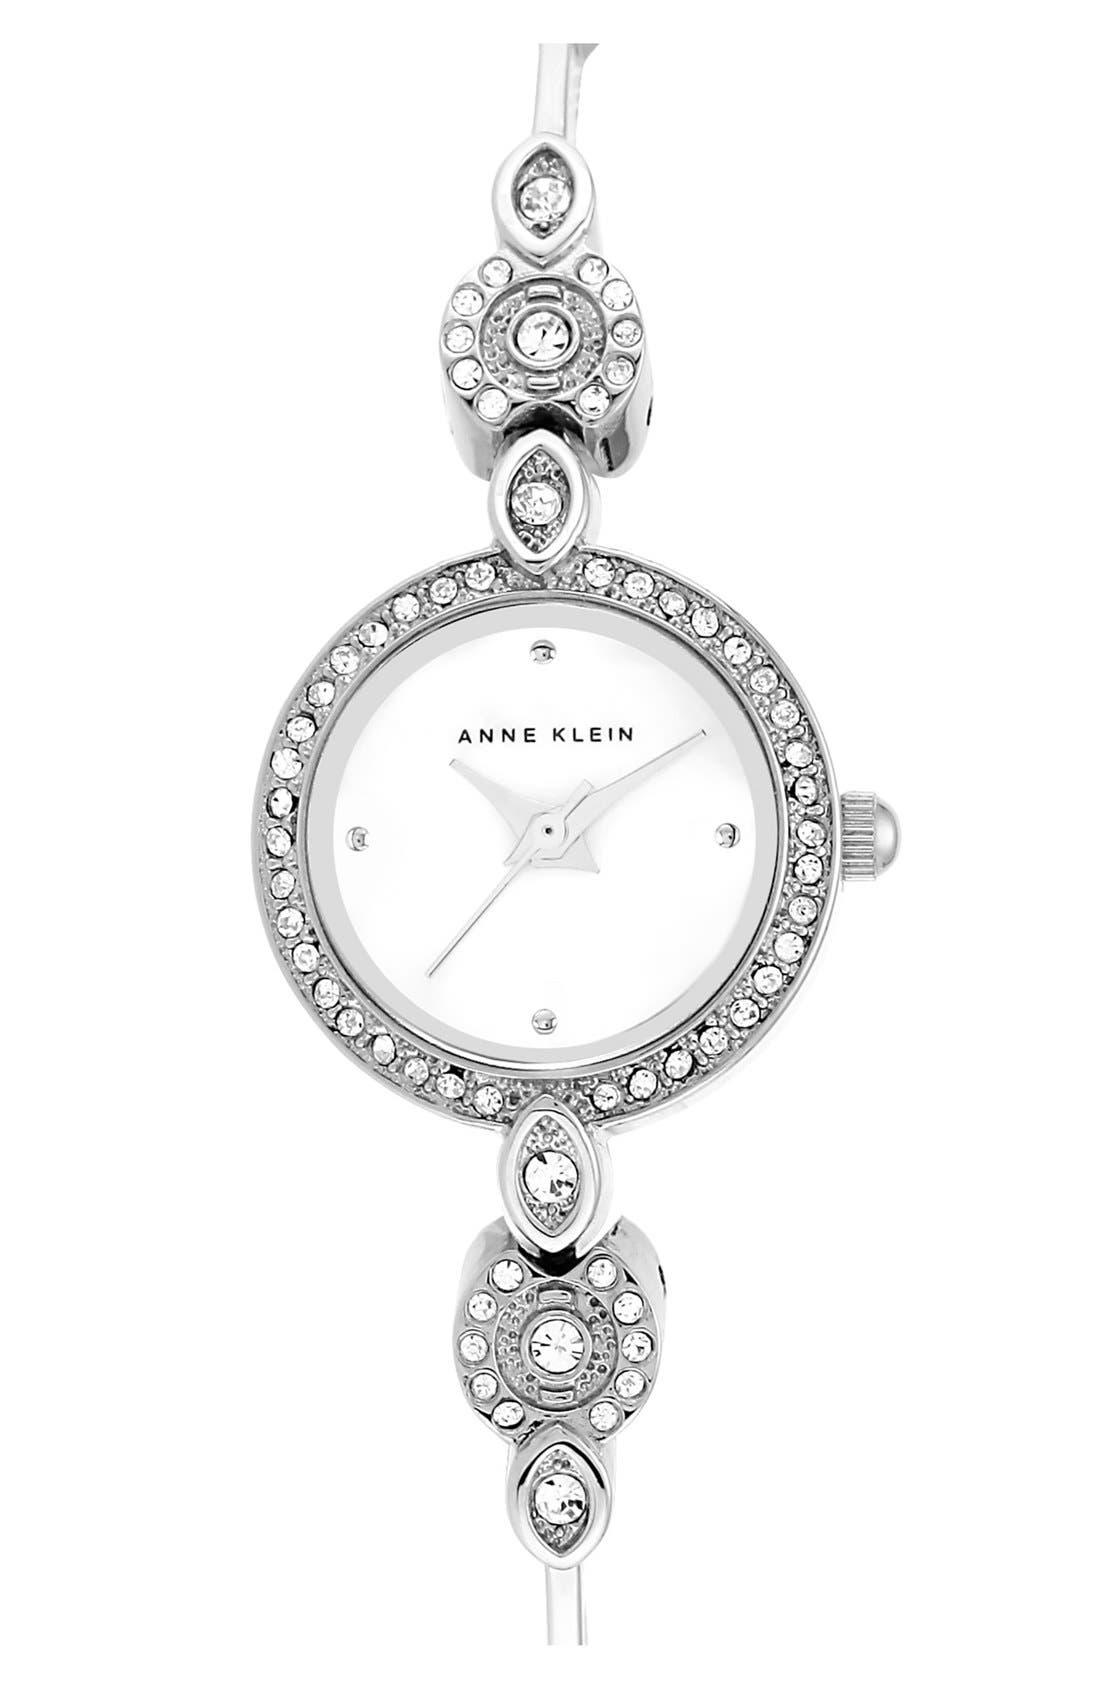 Main Image - Anne Klein Round Bangle Watch, 27.5mm